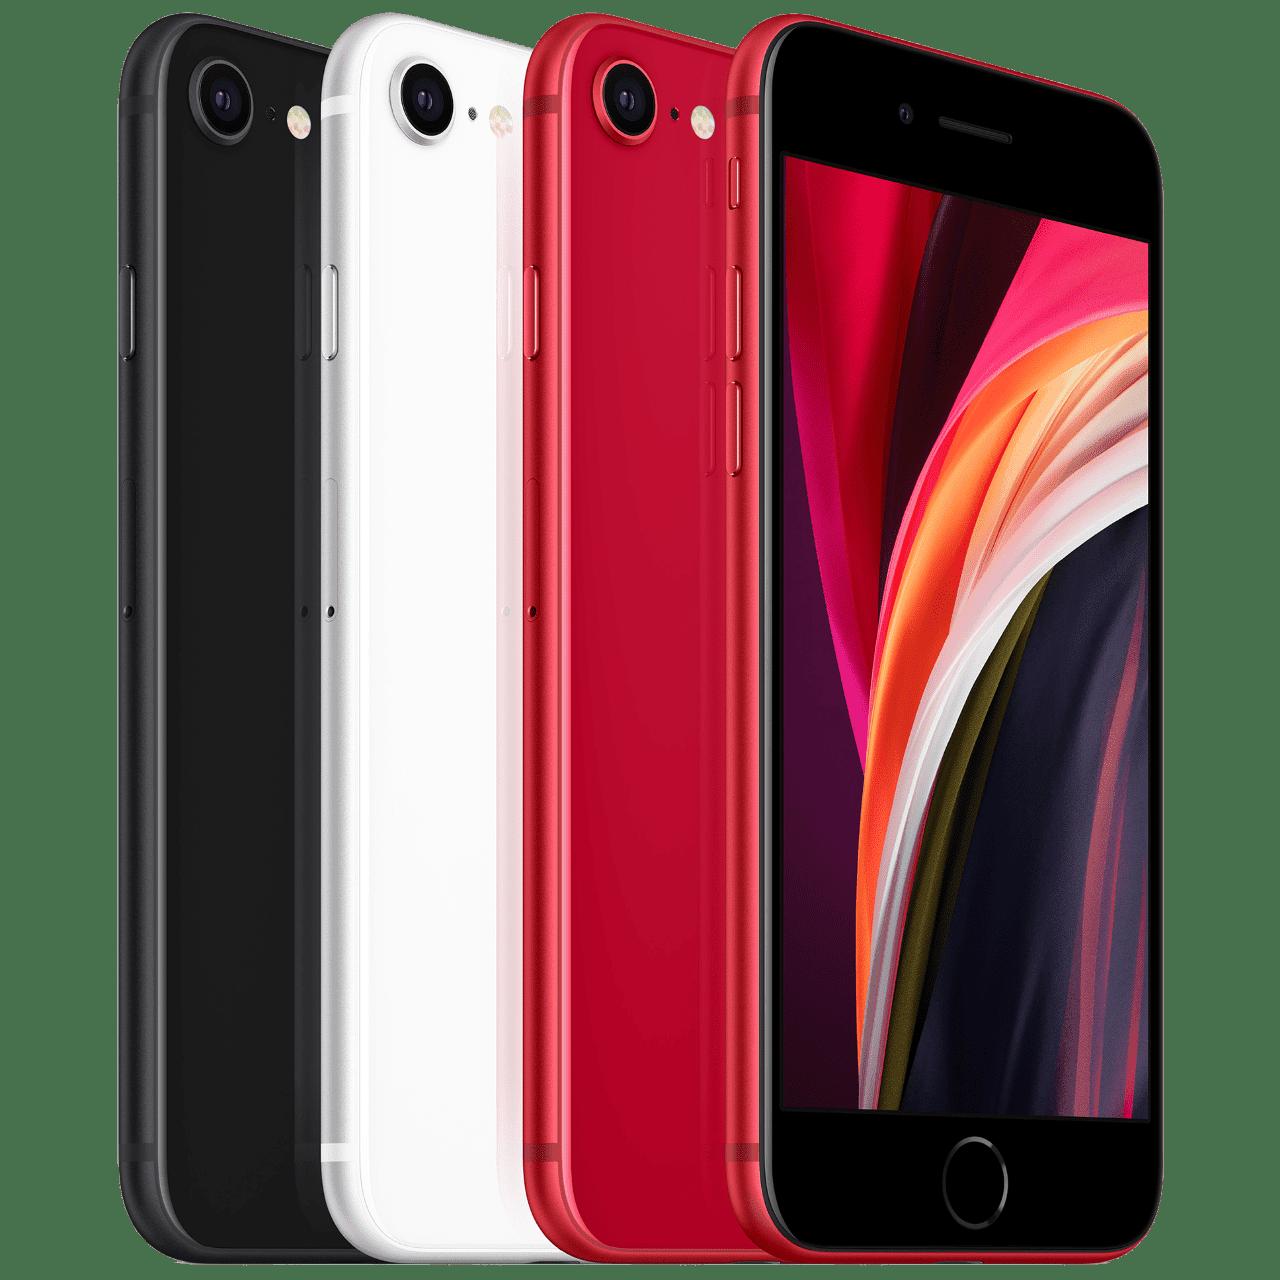 iPhone SE : Apple prévoit un écran de 6,1 pouces avec poinçon